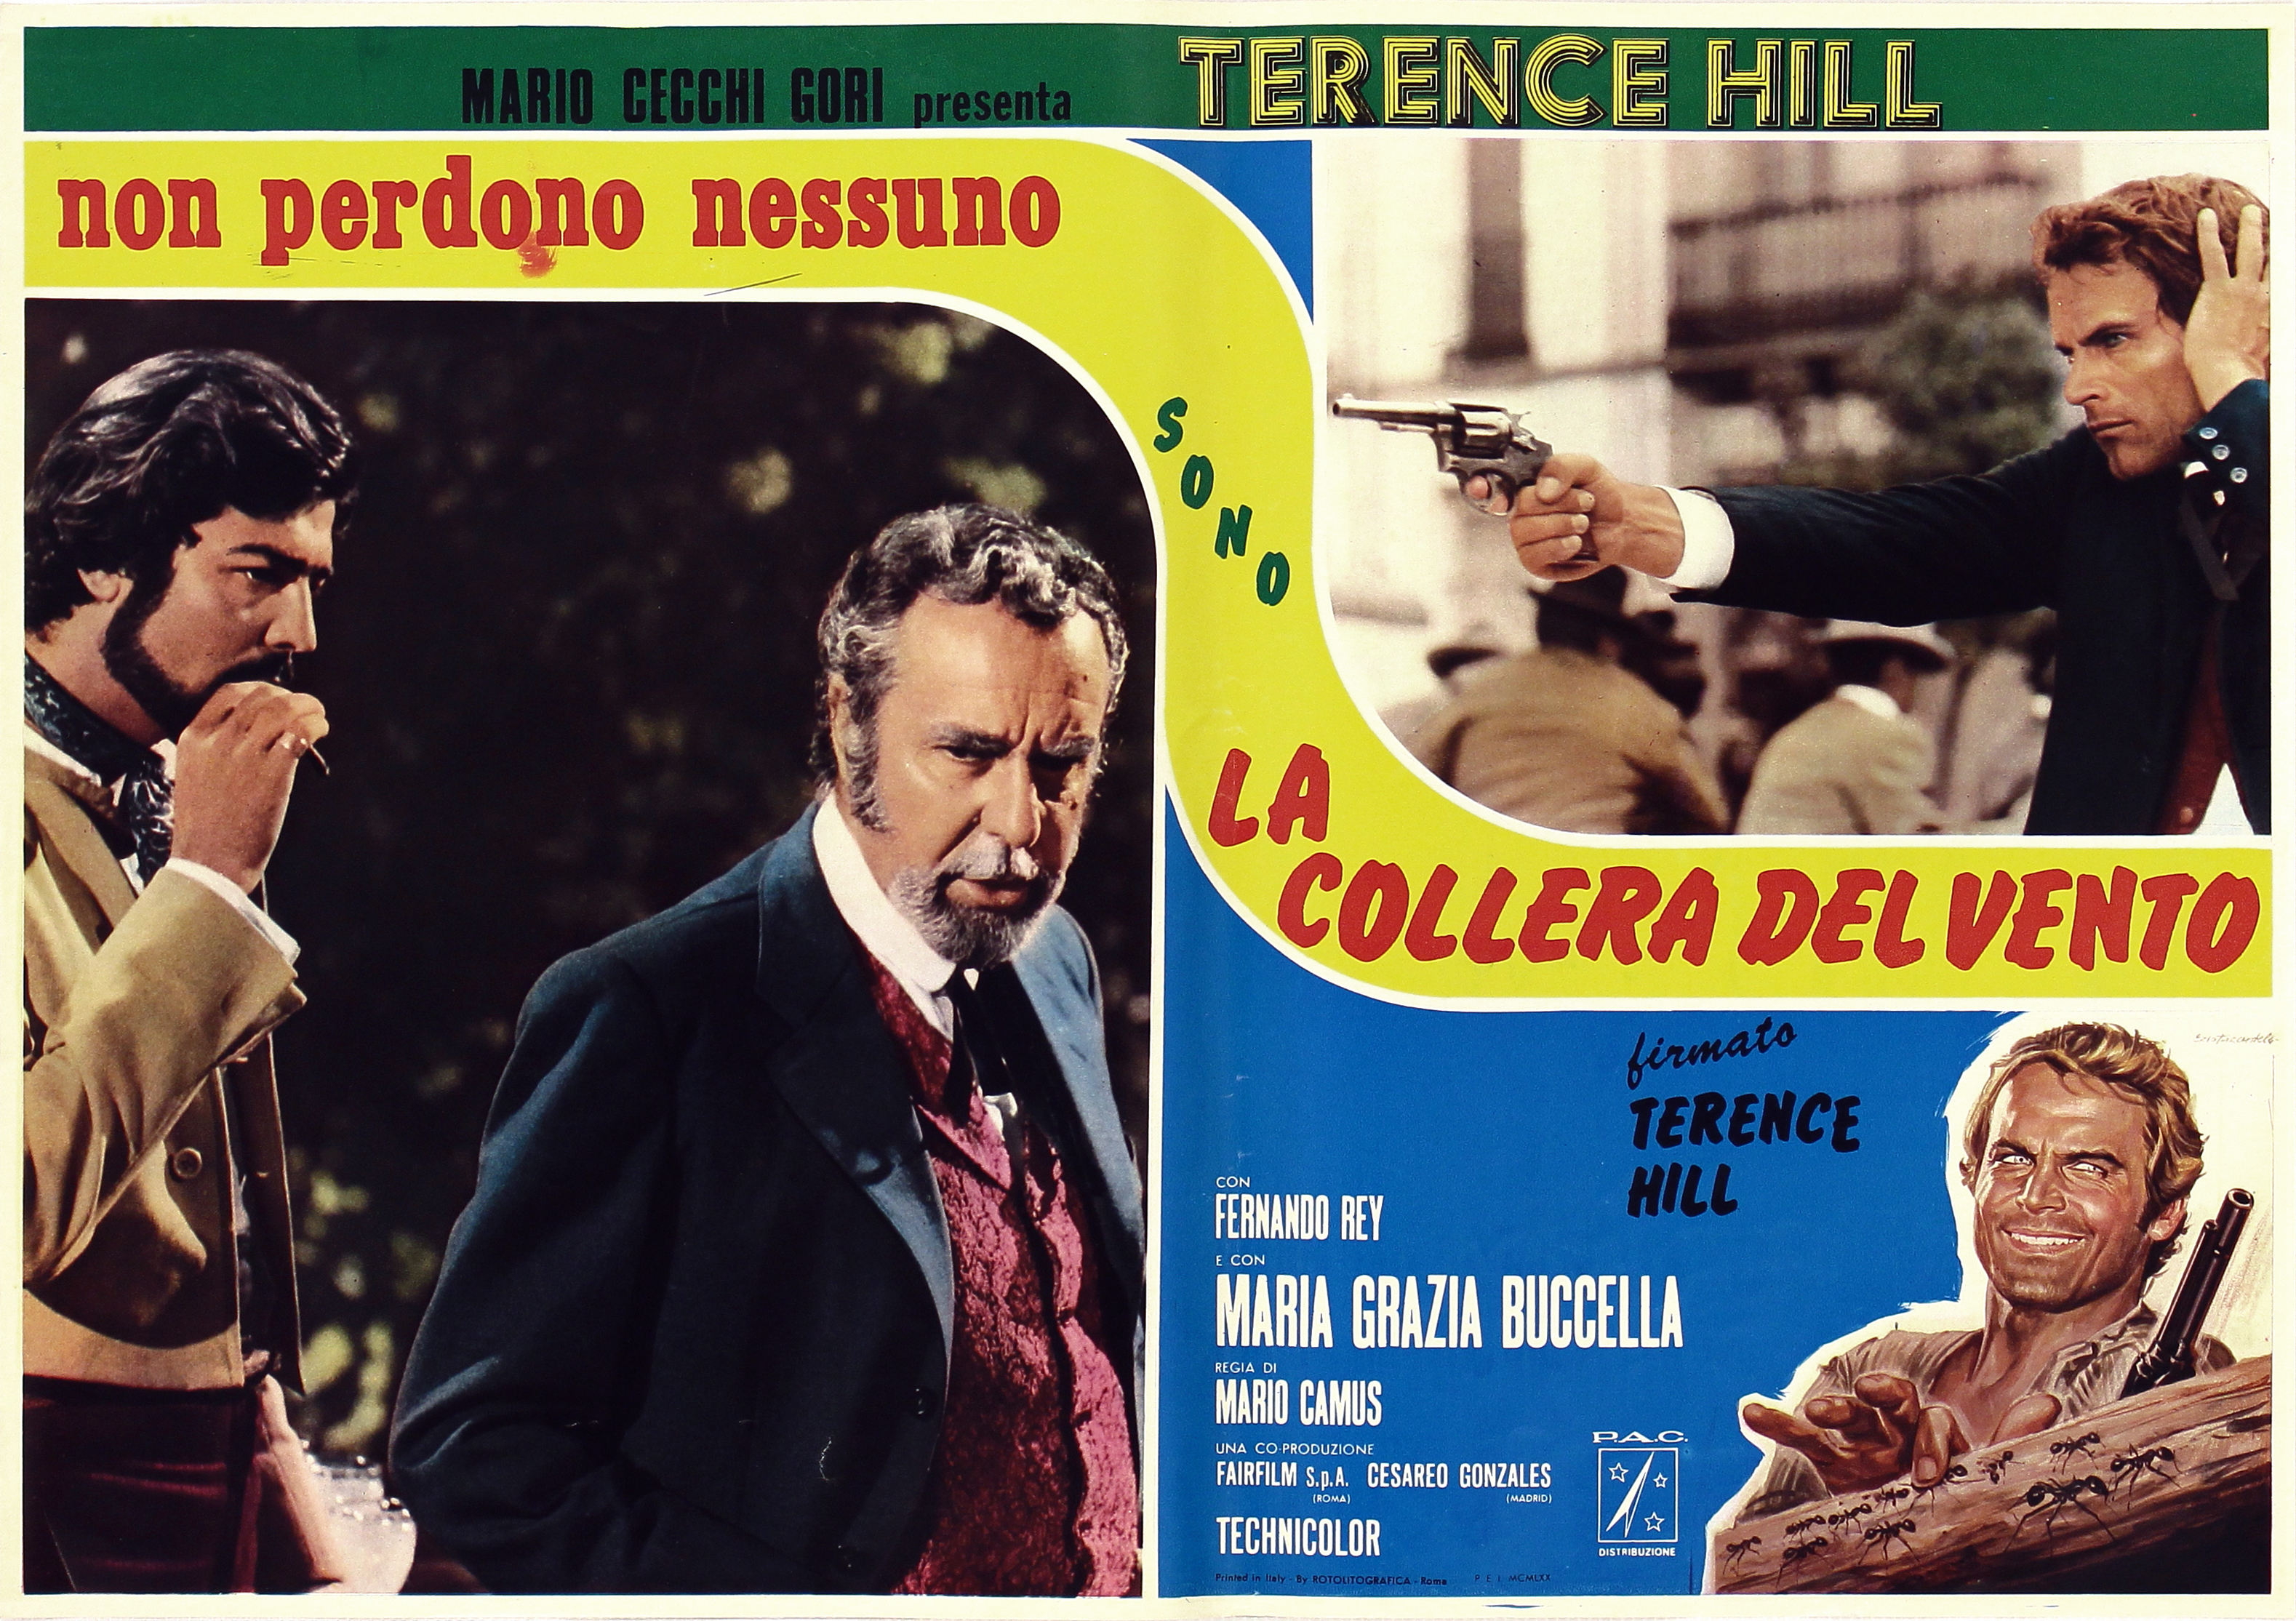 Terence Hill and Fernando Rey in La collera del vento (1970)